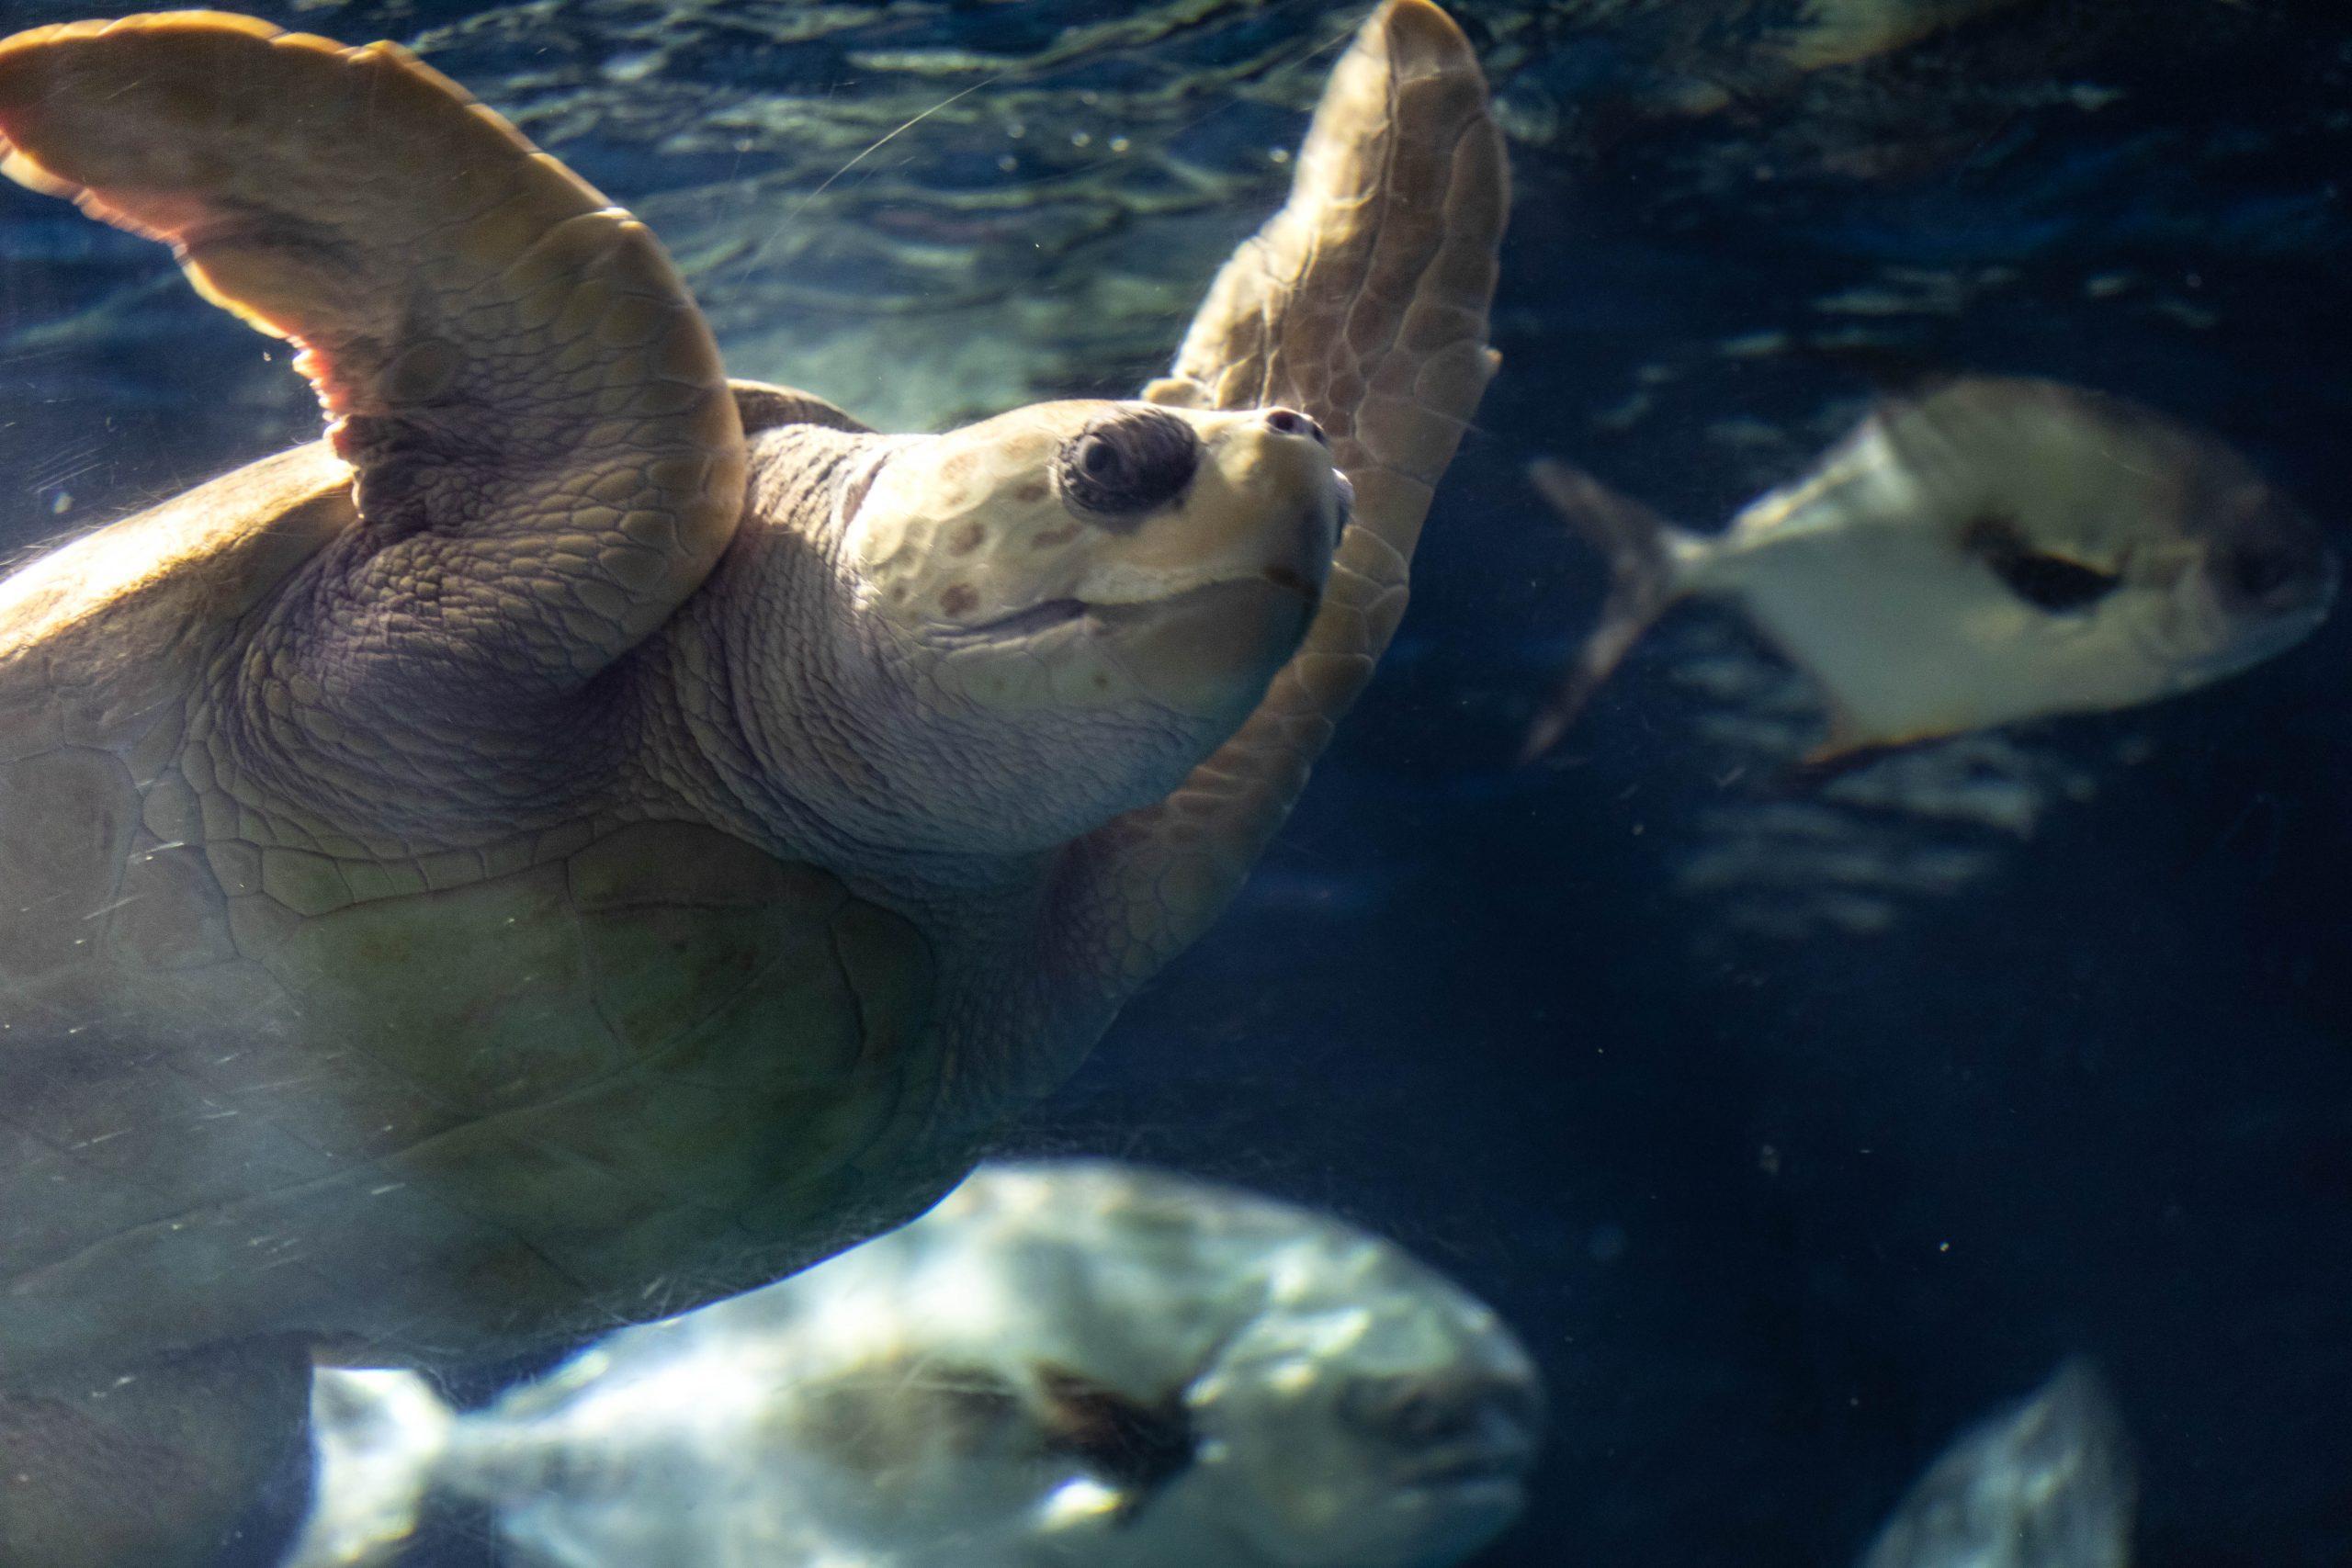 Caretta Loggerhead Sea Turtle at The South Carolina Aquarium & Sea Turtle Care Center Photographed by Luxury Travel Writer Annie Fairfax